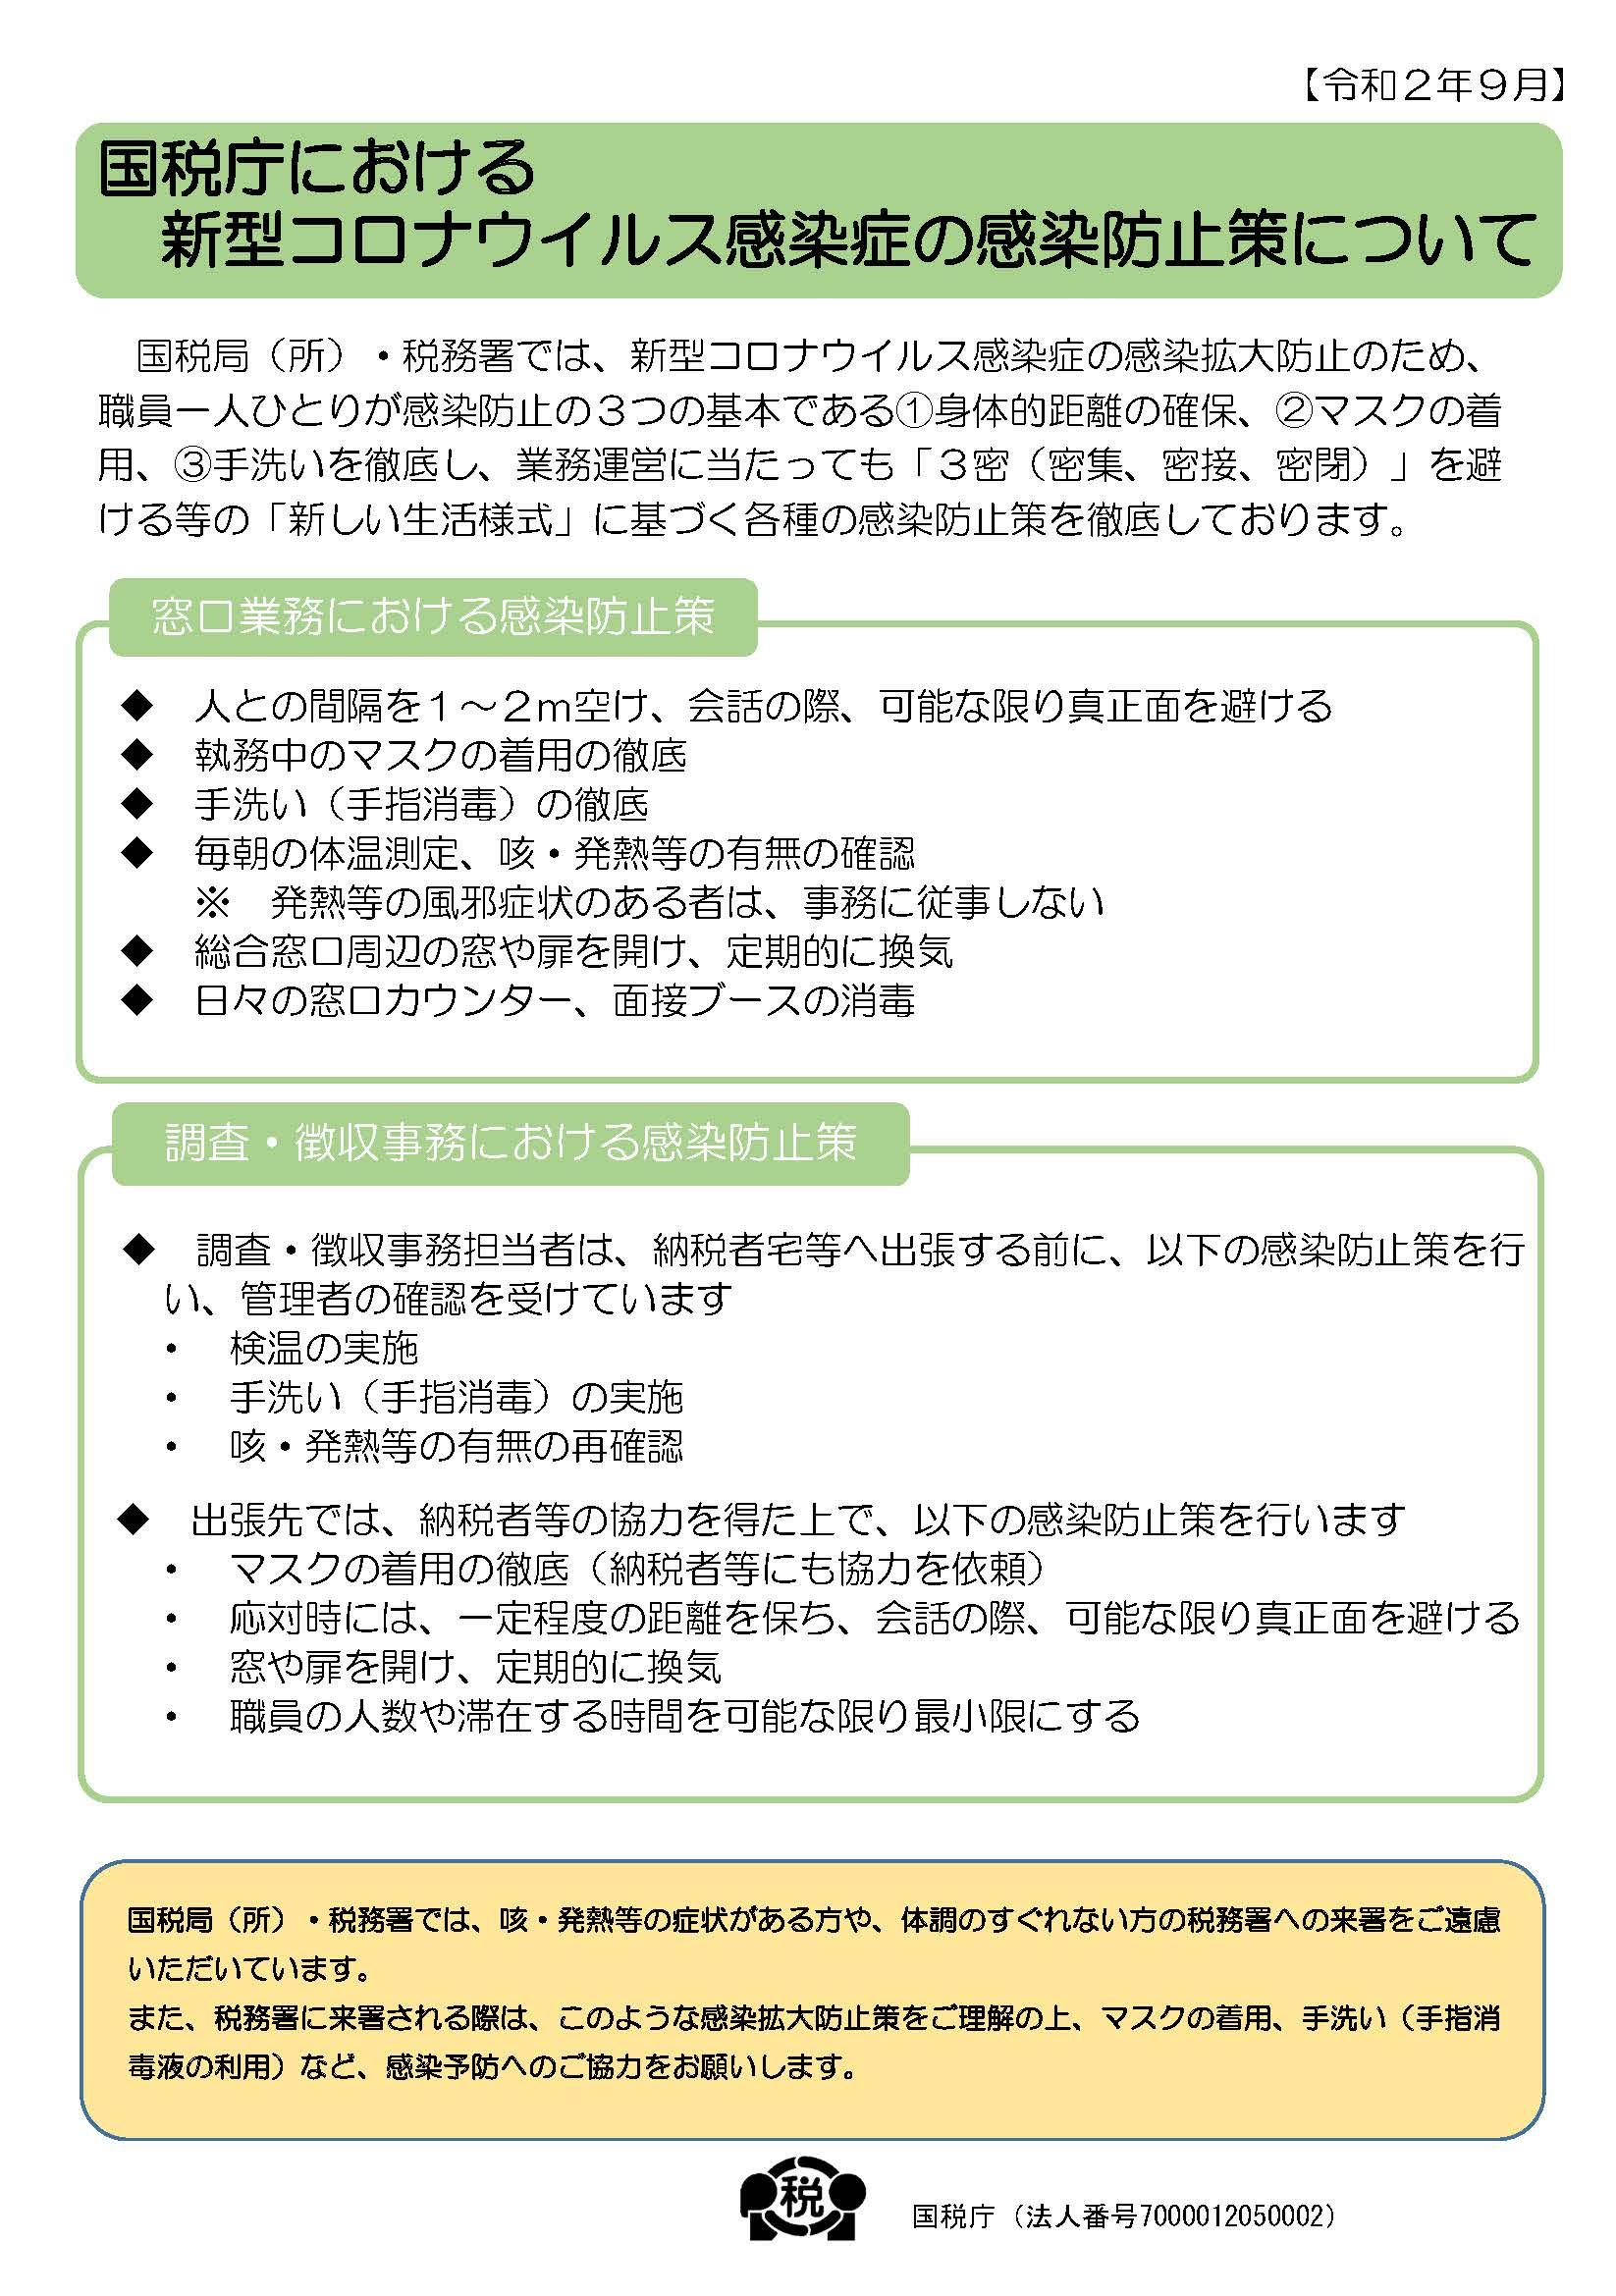 国税庁20009-019.jpg